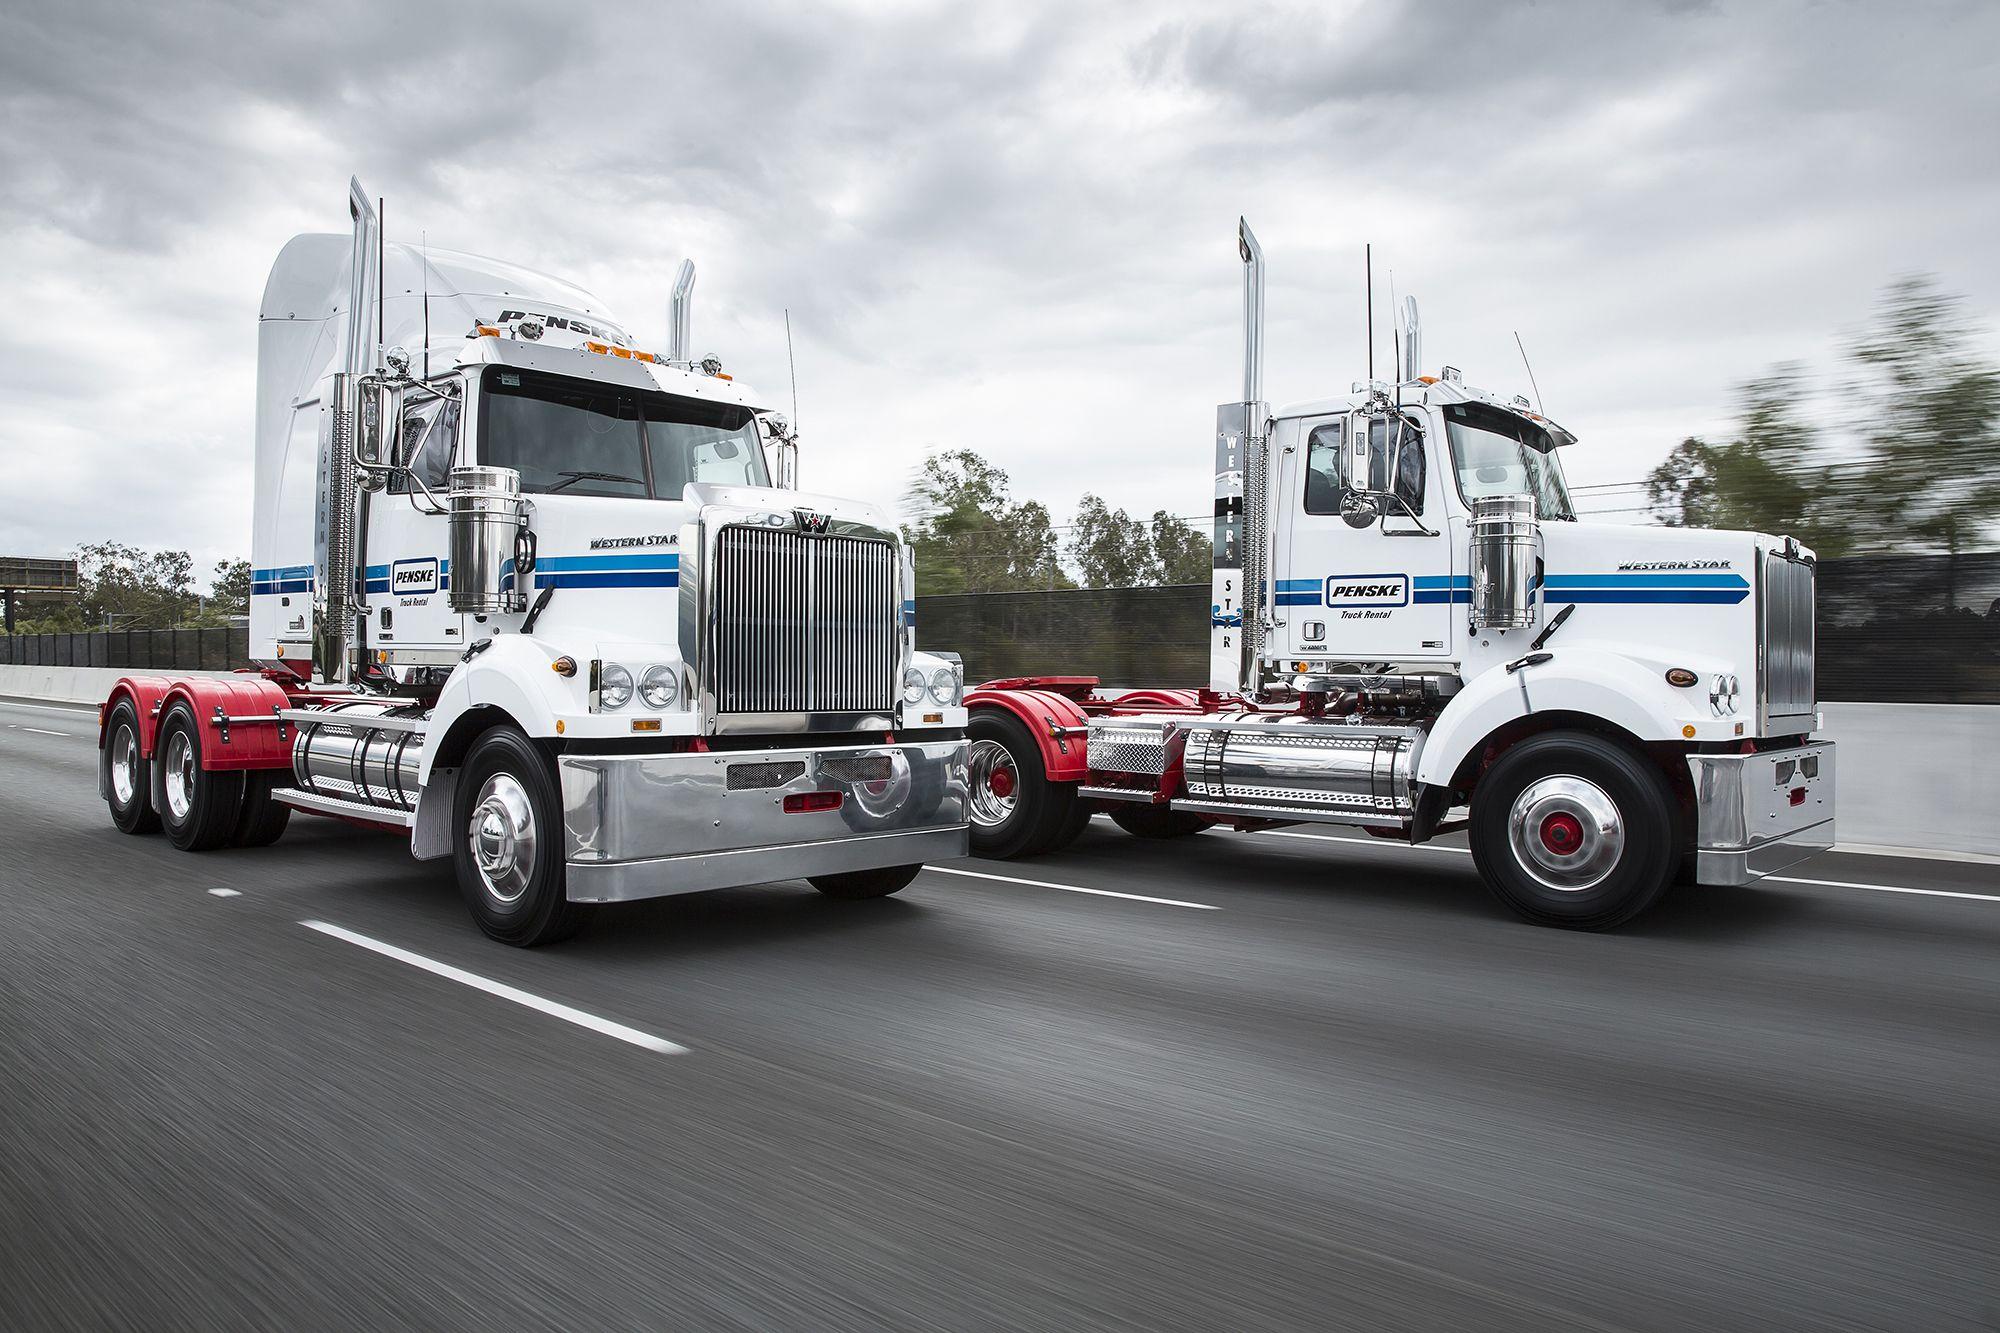 Penske Truck Rental is now open for business in Brisbane Australia